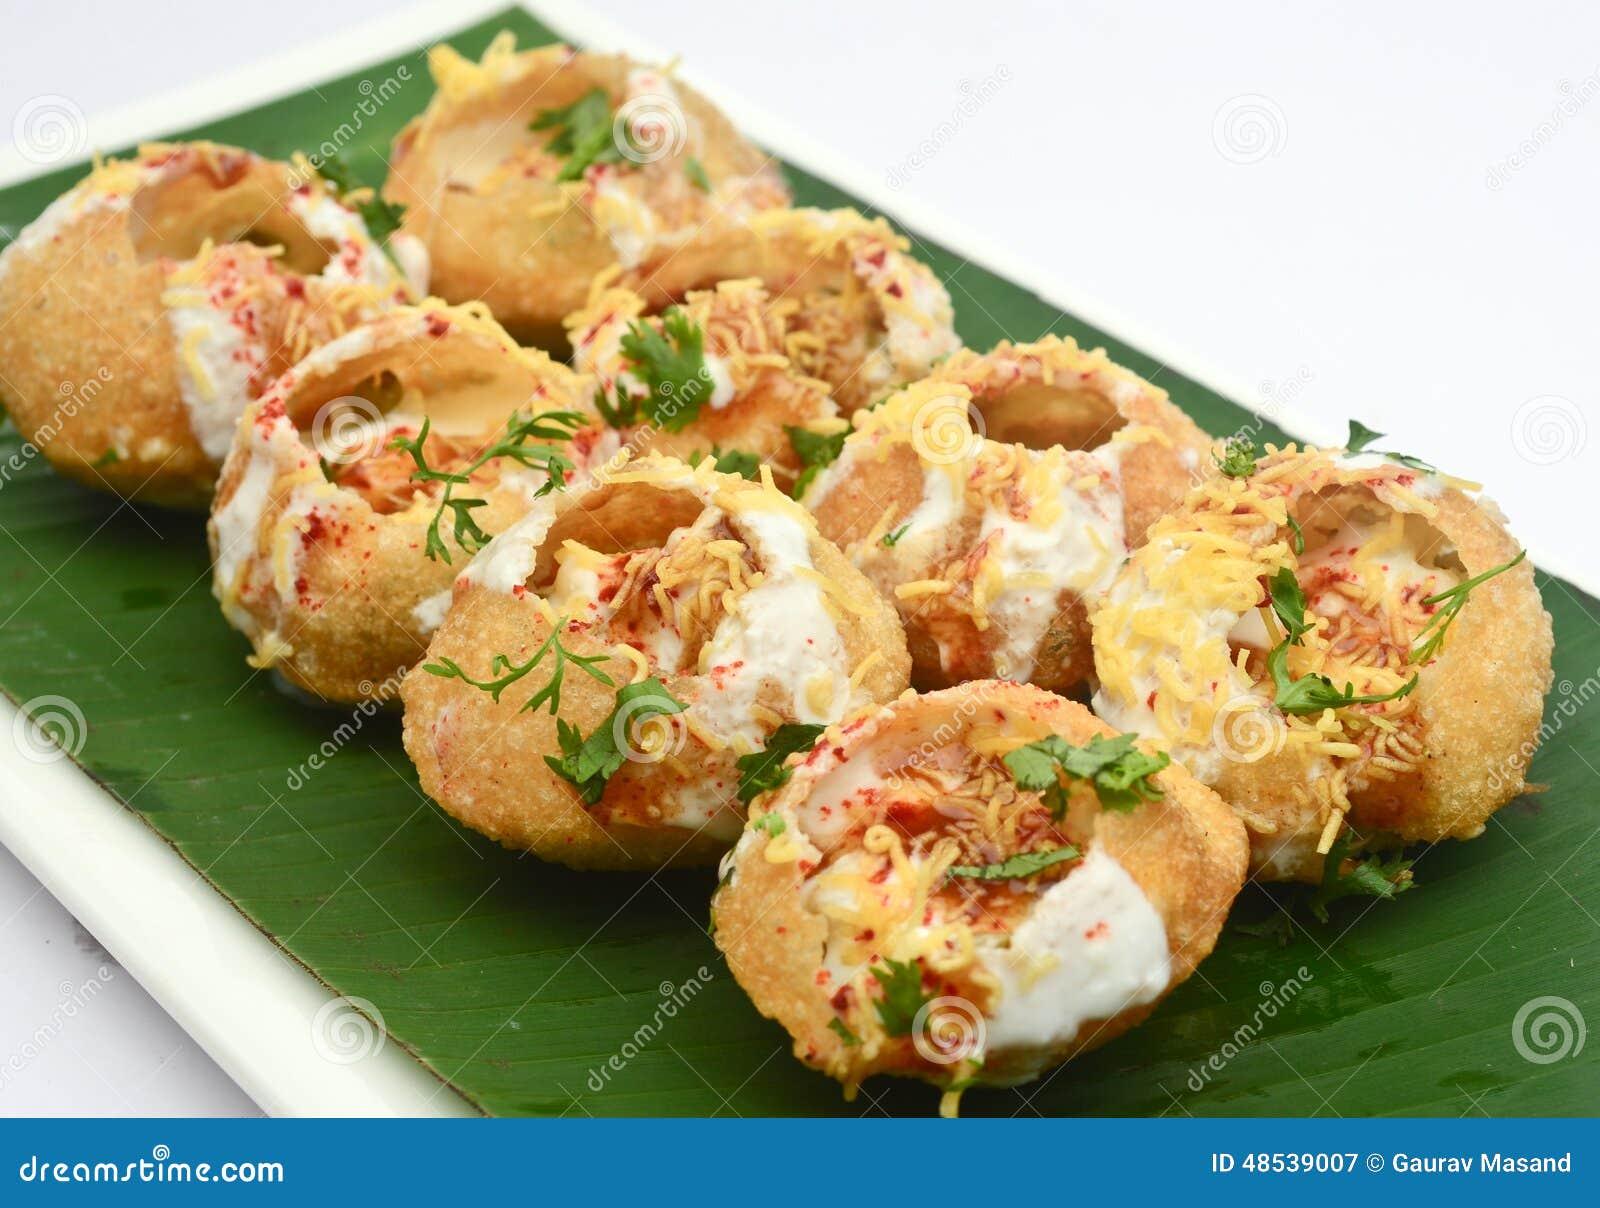 Dahi puri -Mumbai Street food